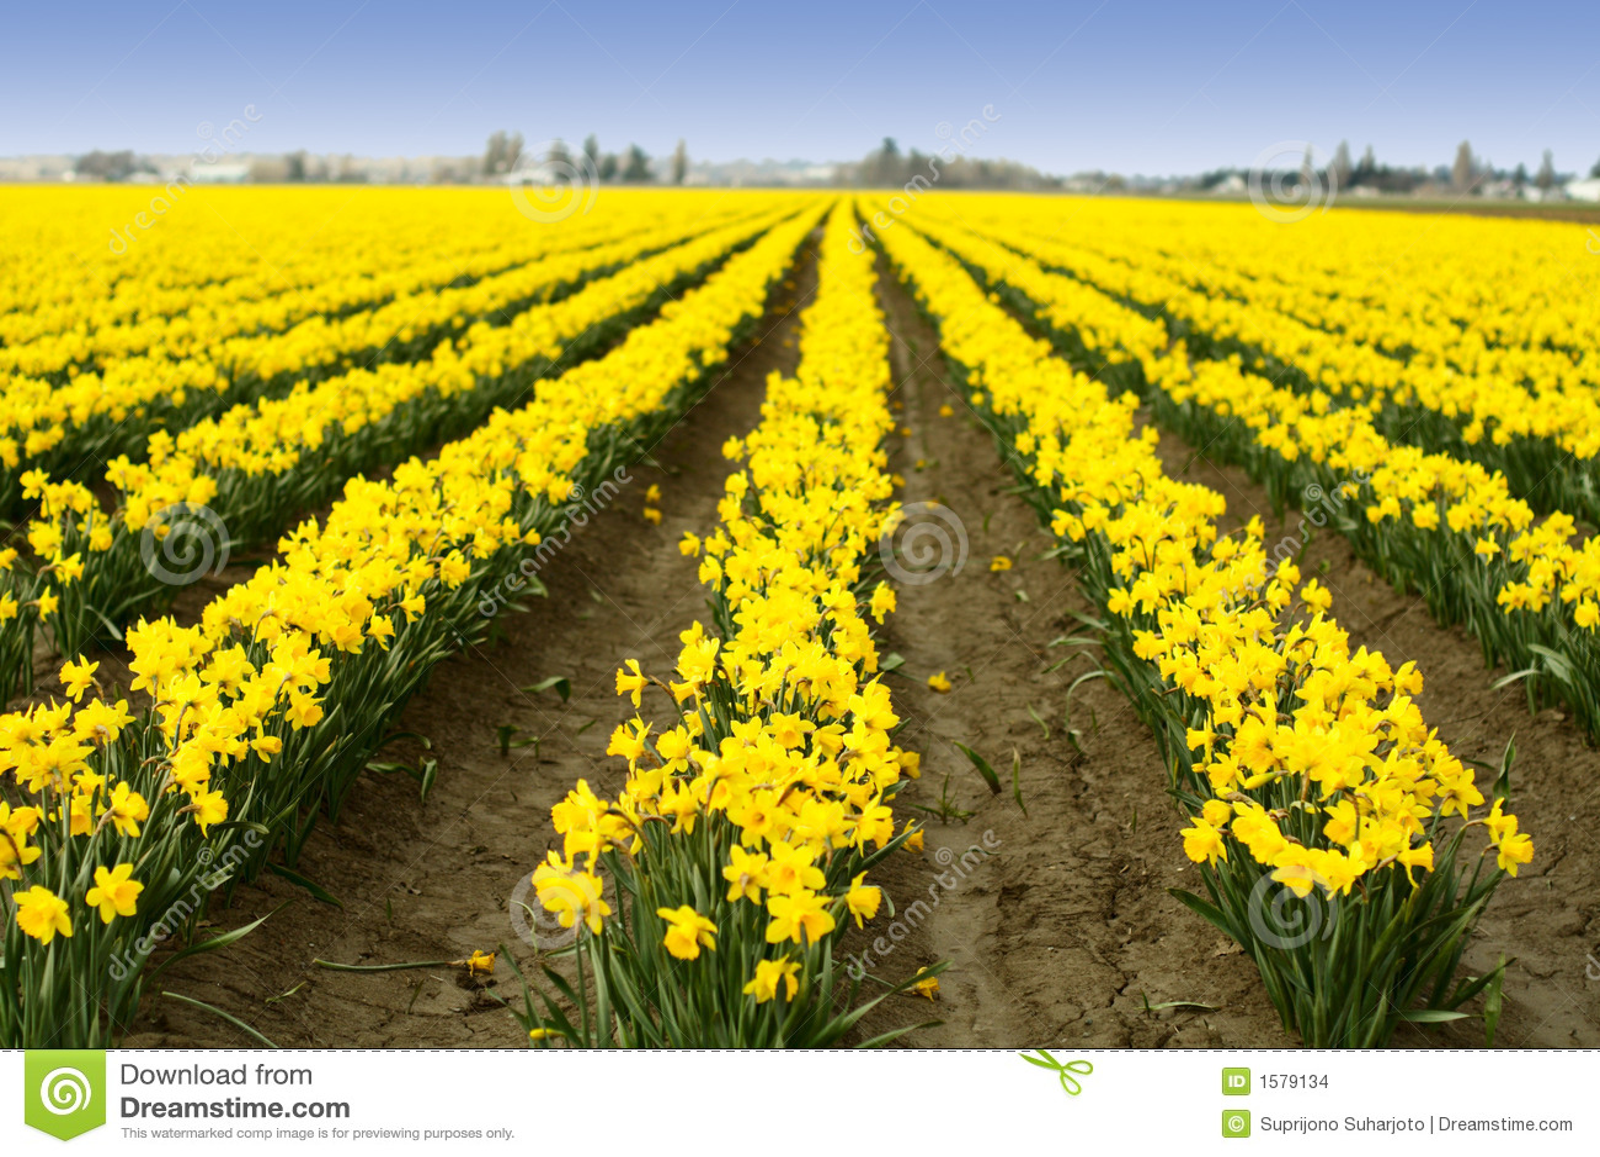 Narcyzy żółte